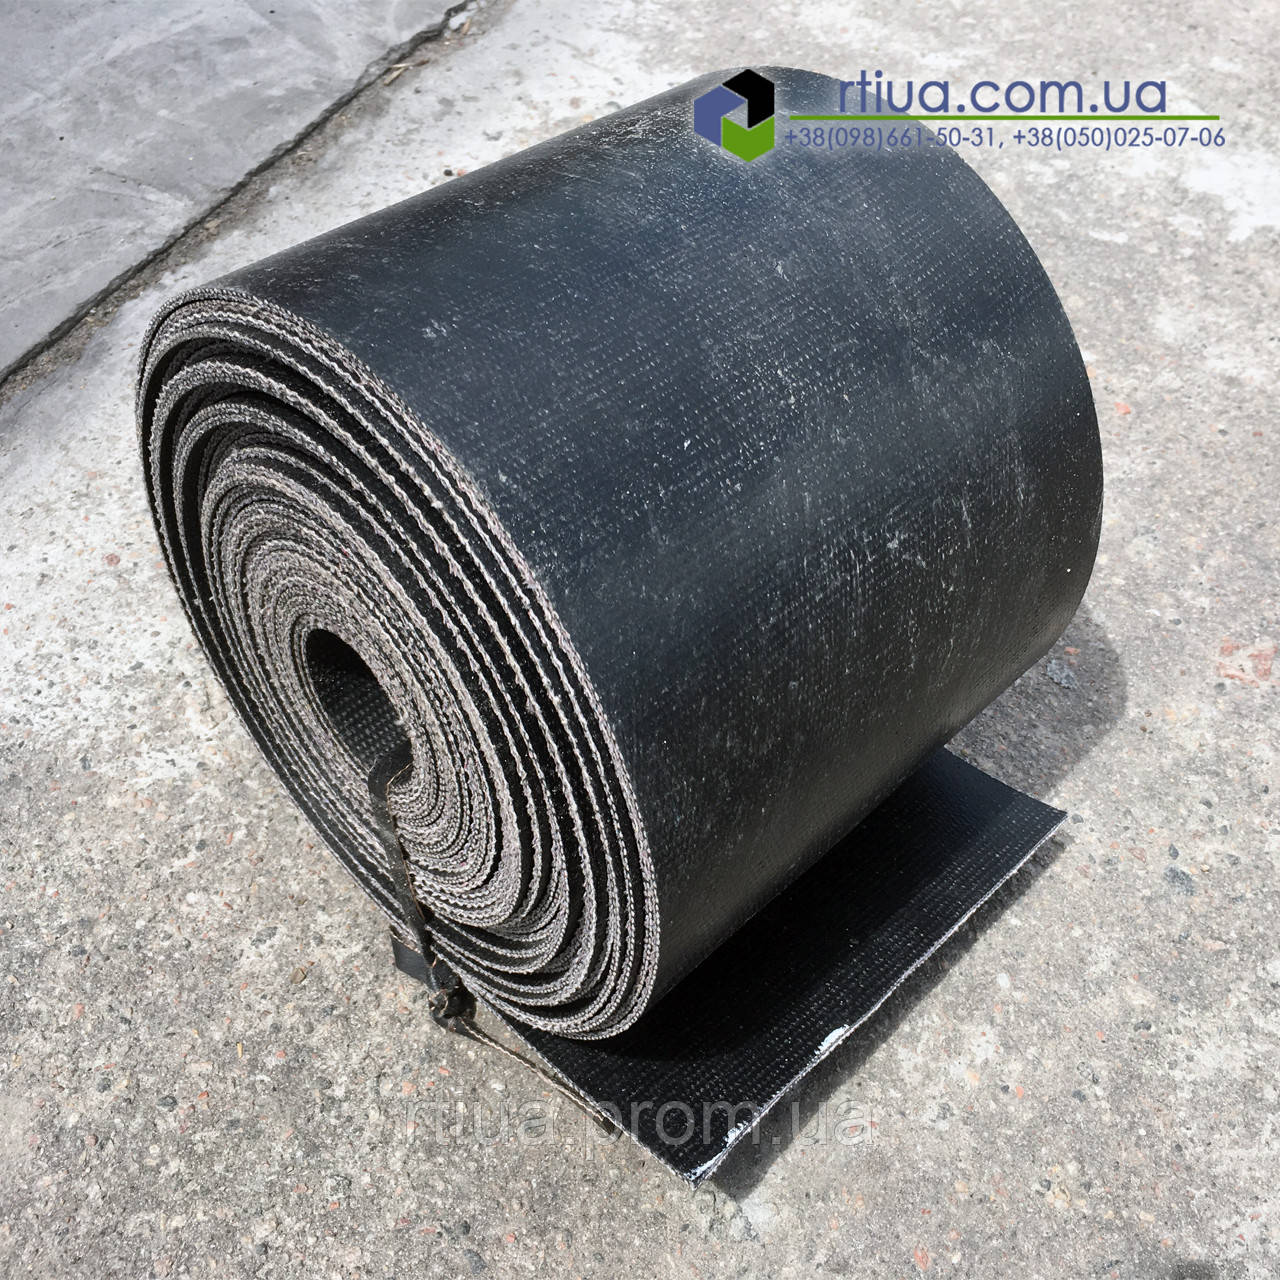 Транспортерная лента БКНЛ, 175х4 мм